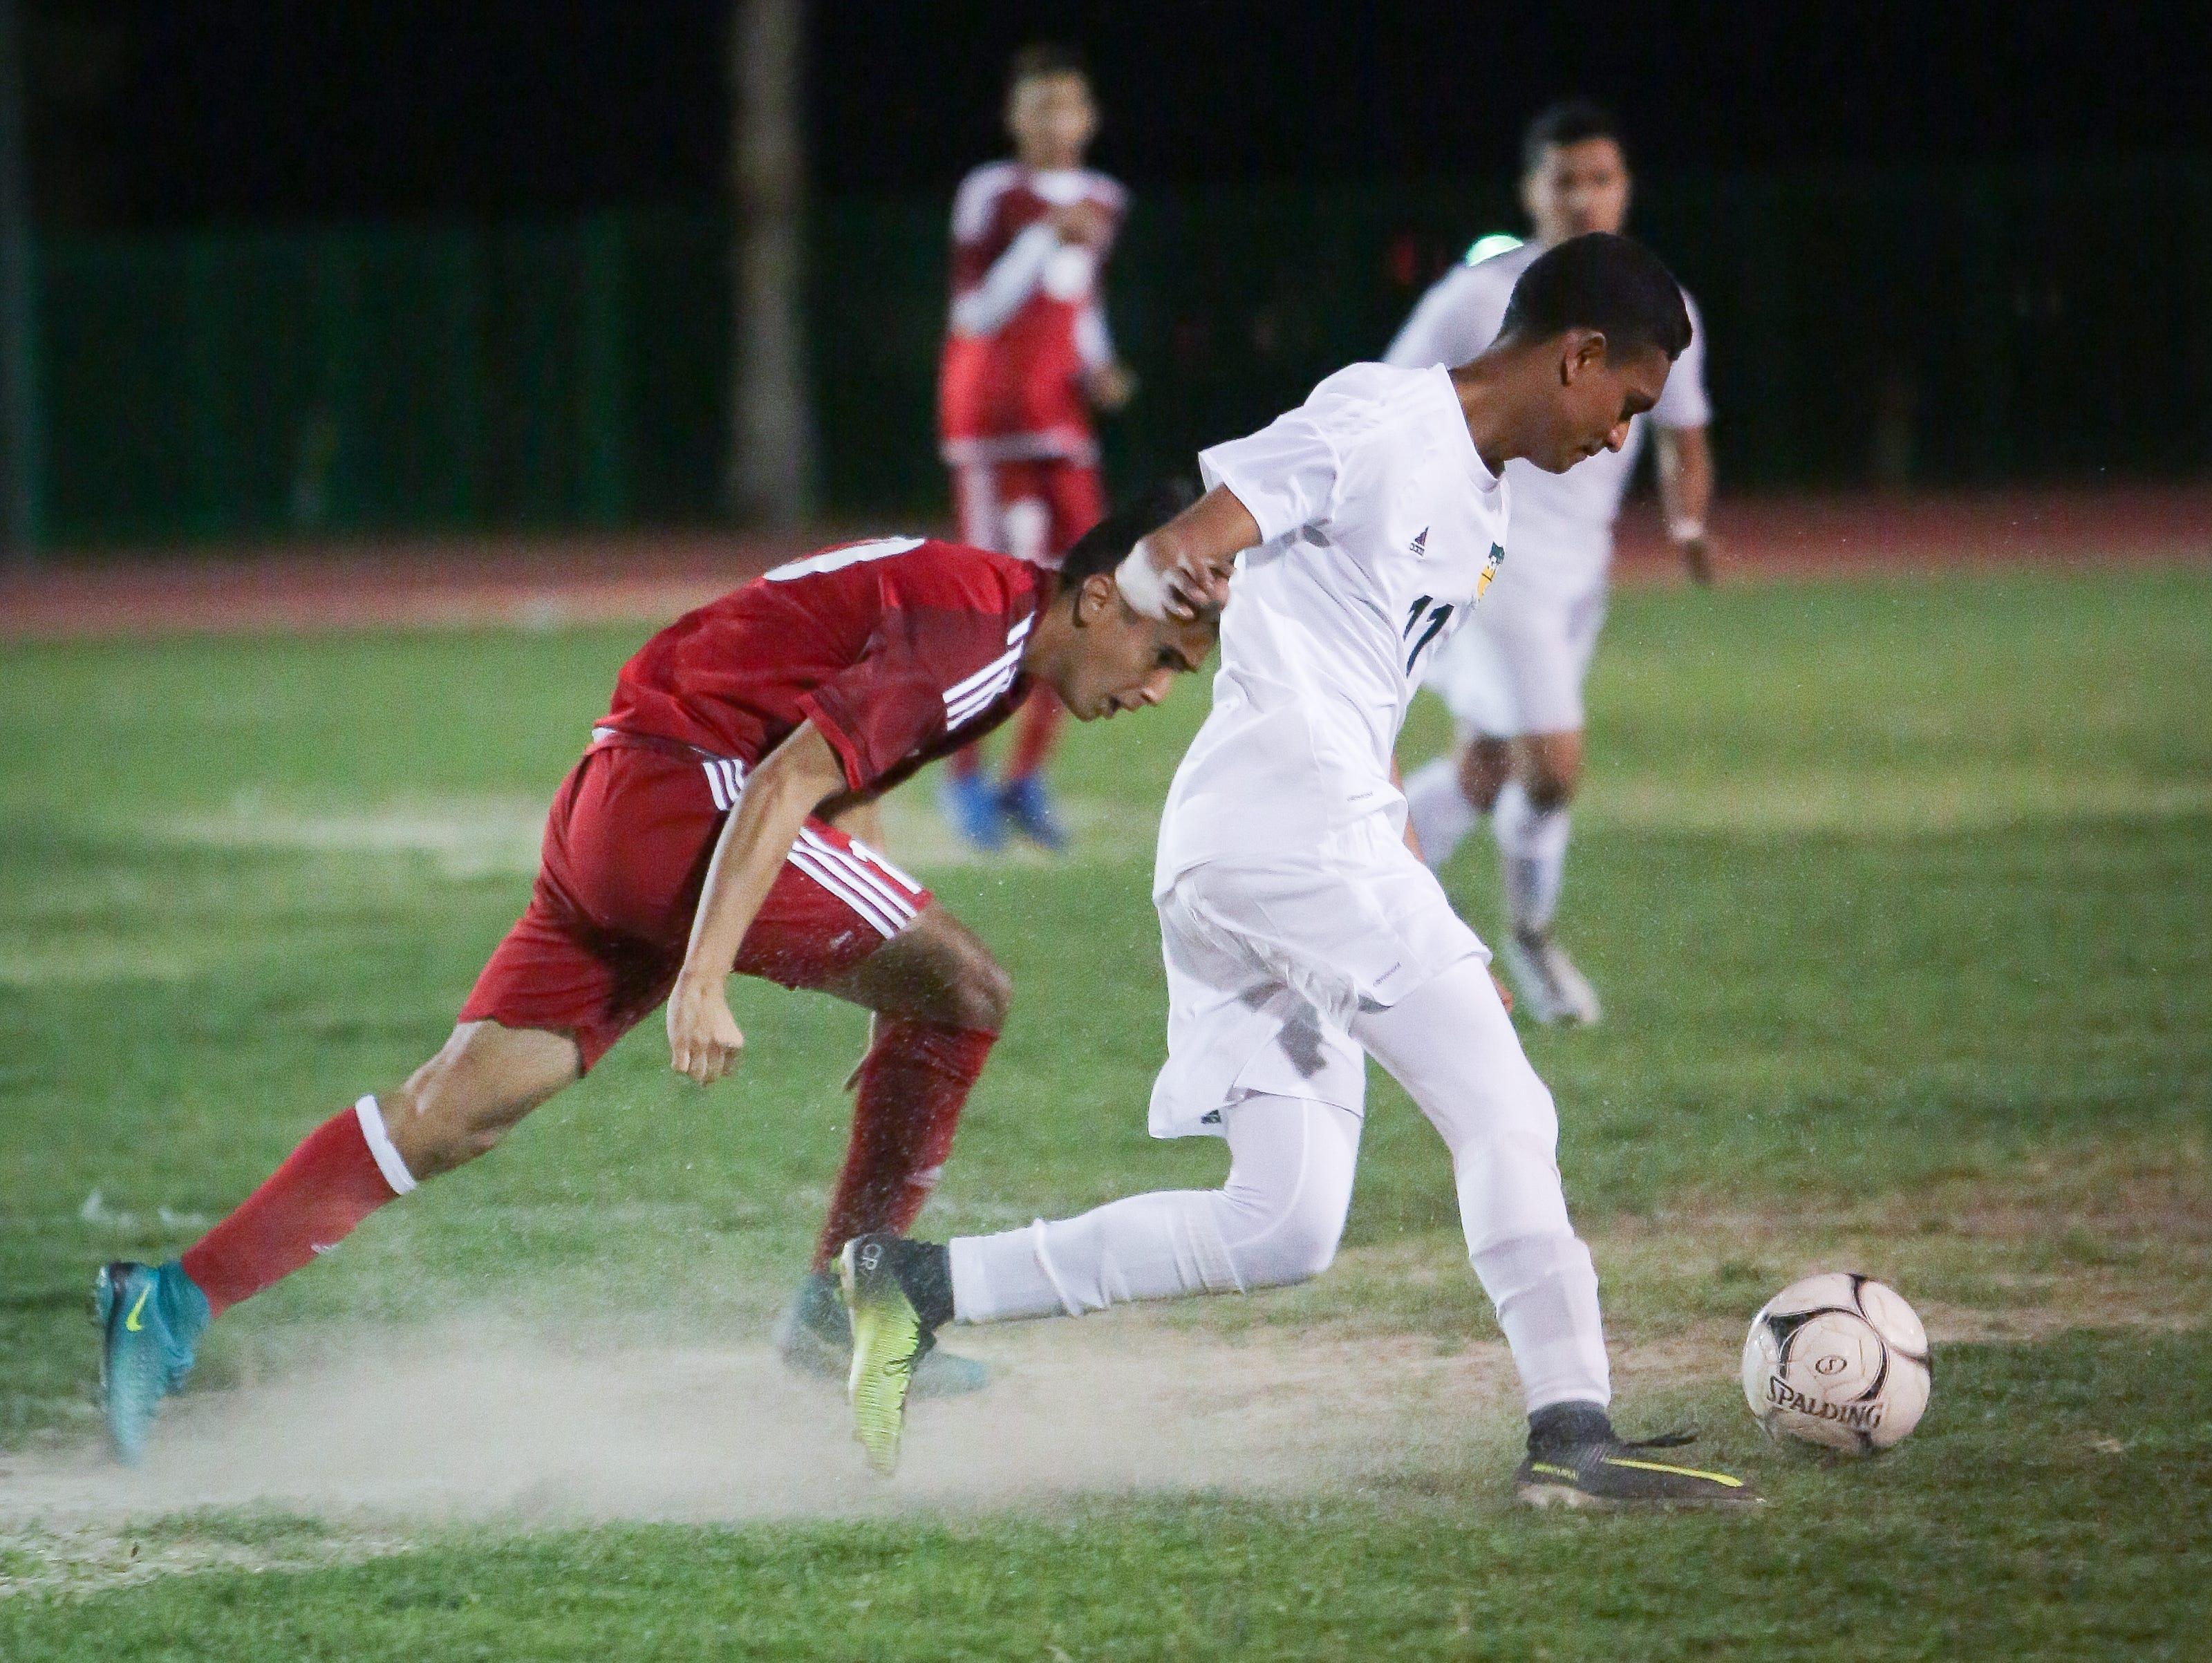 Desert Mirage defeats Coachella Valley to extend win streak to 10 games.